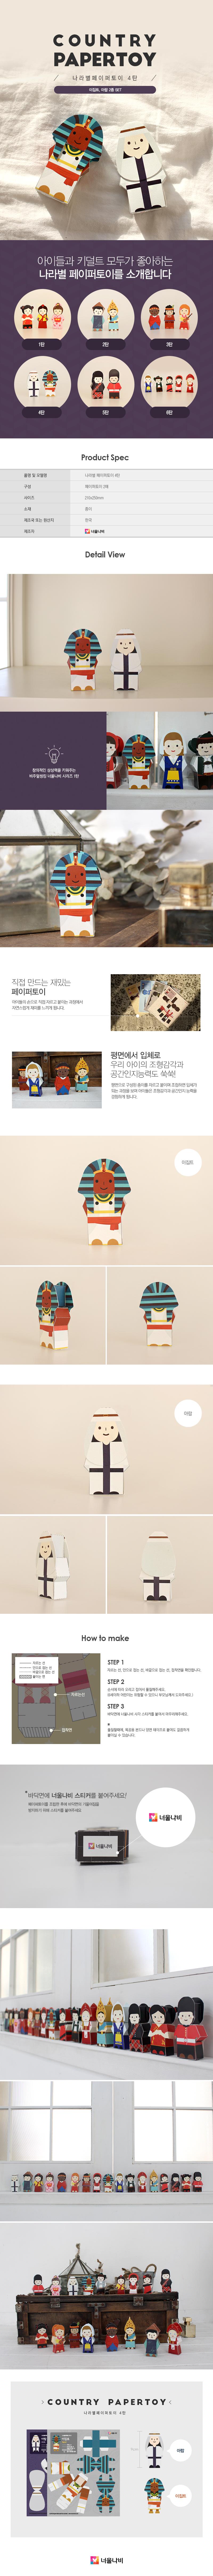 나라별페이퍼토이 4탄 - 너울나비, 4,800원, 페이퍼 토이, 캐릭터